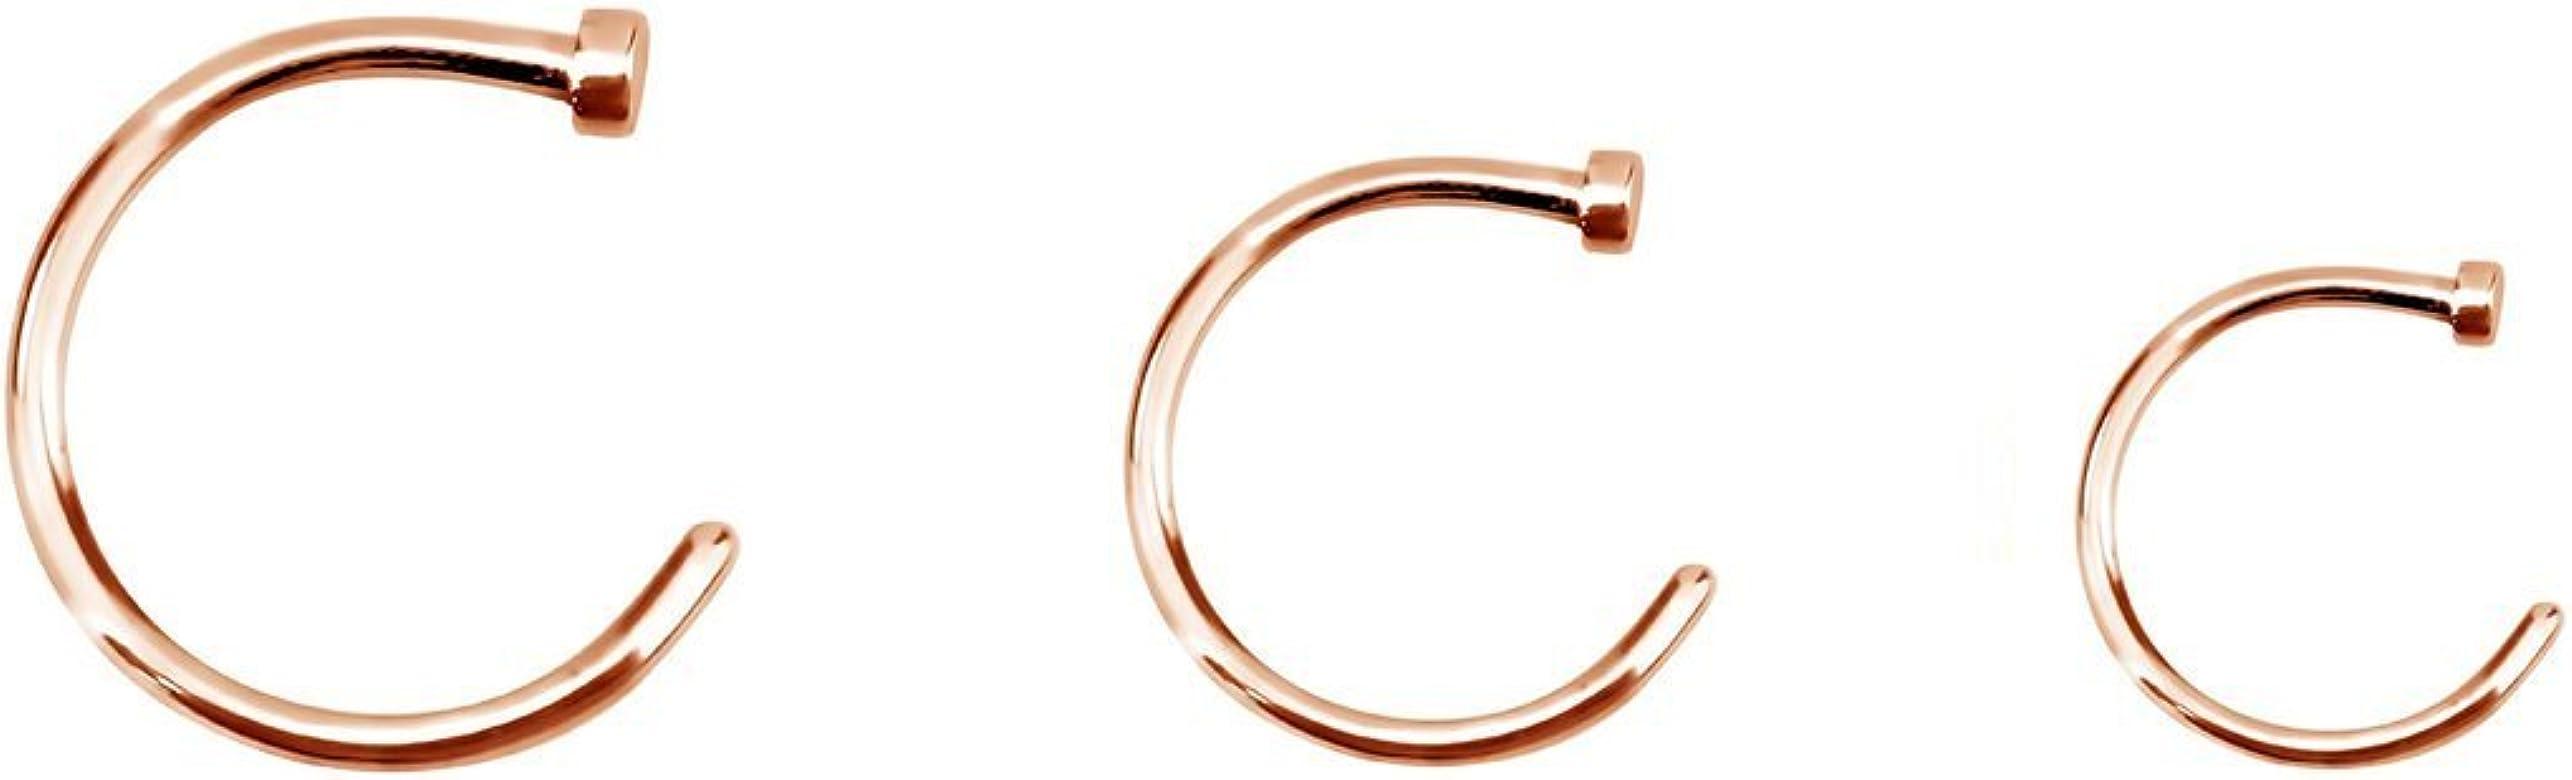 BodyJewelryonline Adultos Nariz Piercing Aros - 3 Pack Oro IP Acero quirúrgico - Calibre 18 o Calibre 20 Disponible (20G): Amazon.es: Joyería